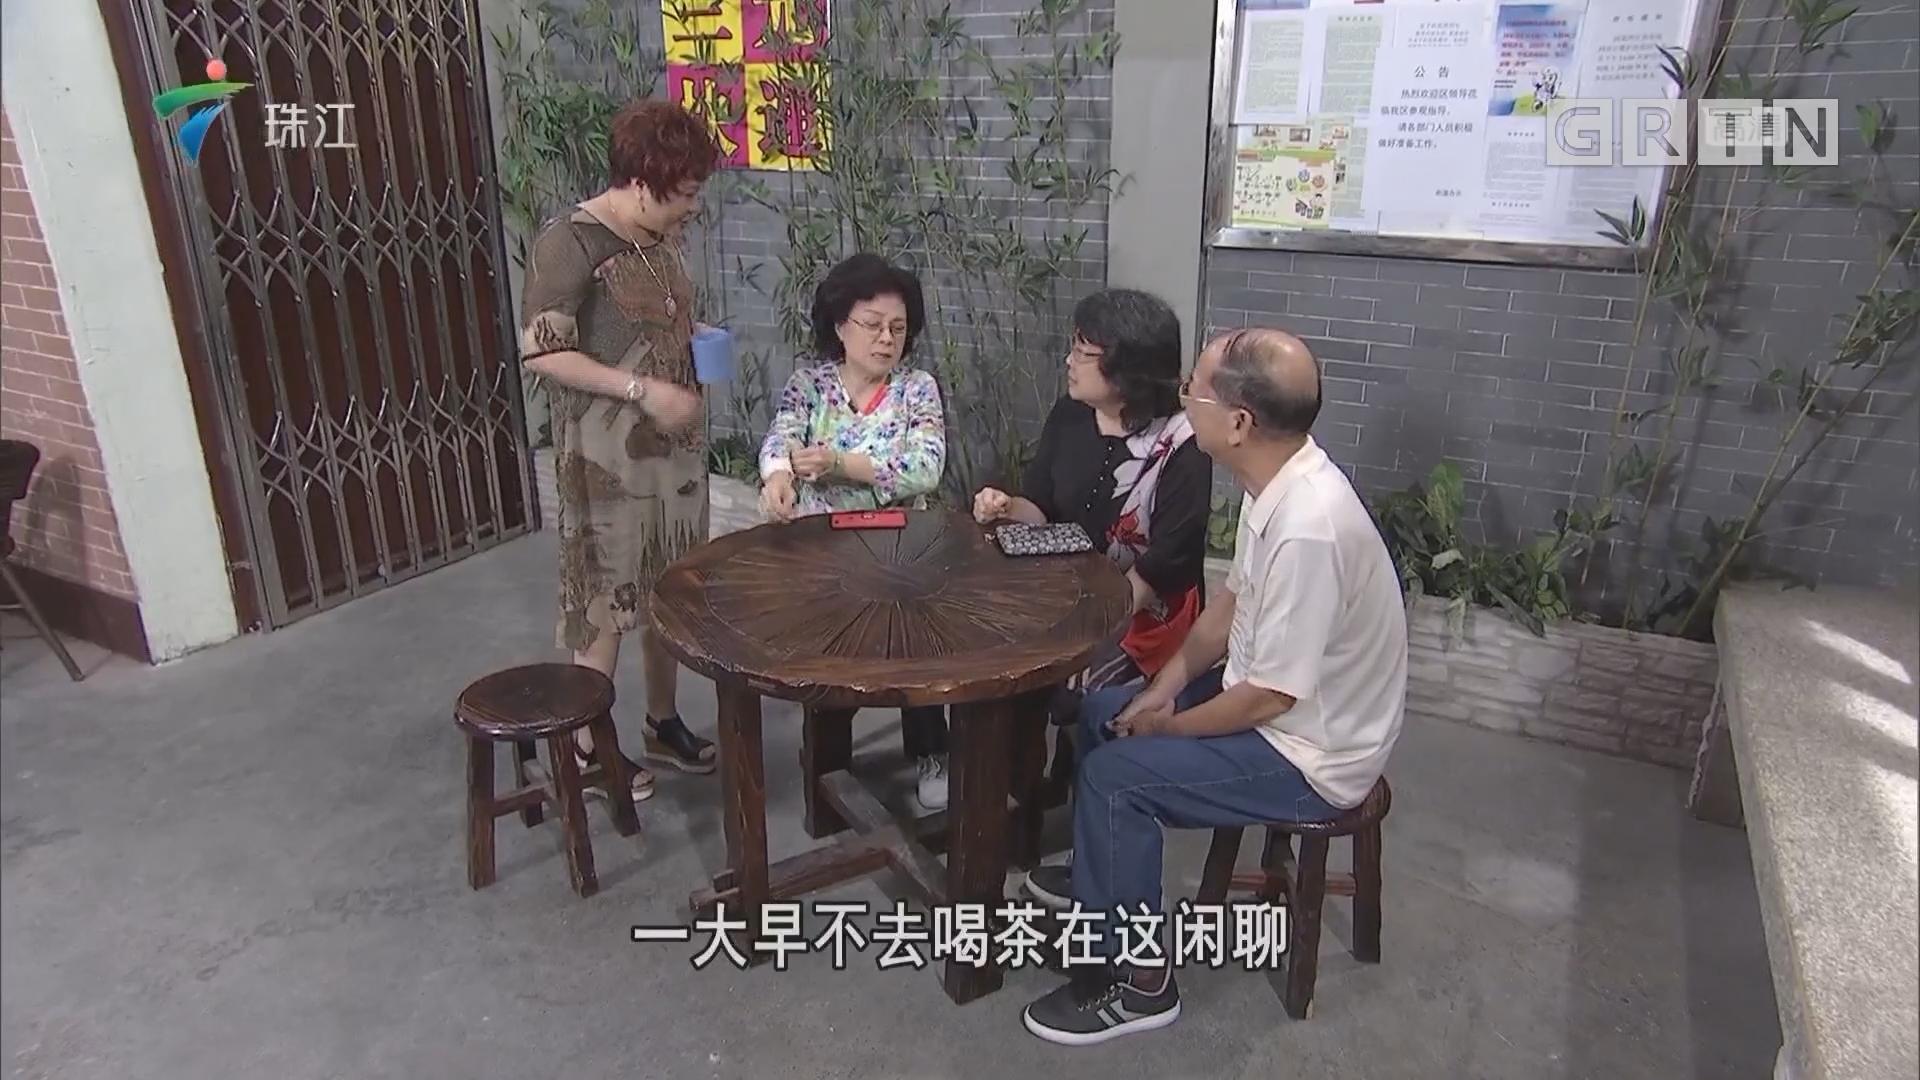 [HD][2018-11-11]外来媳妇本地郎:做人阿妈甚艰难(下)